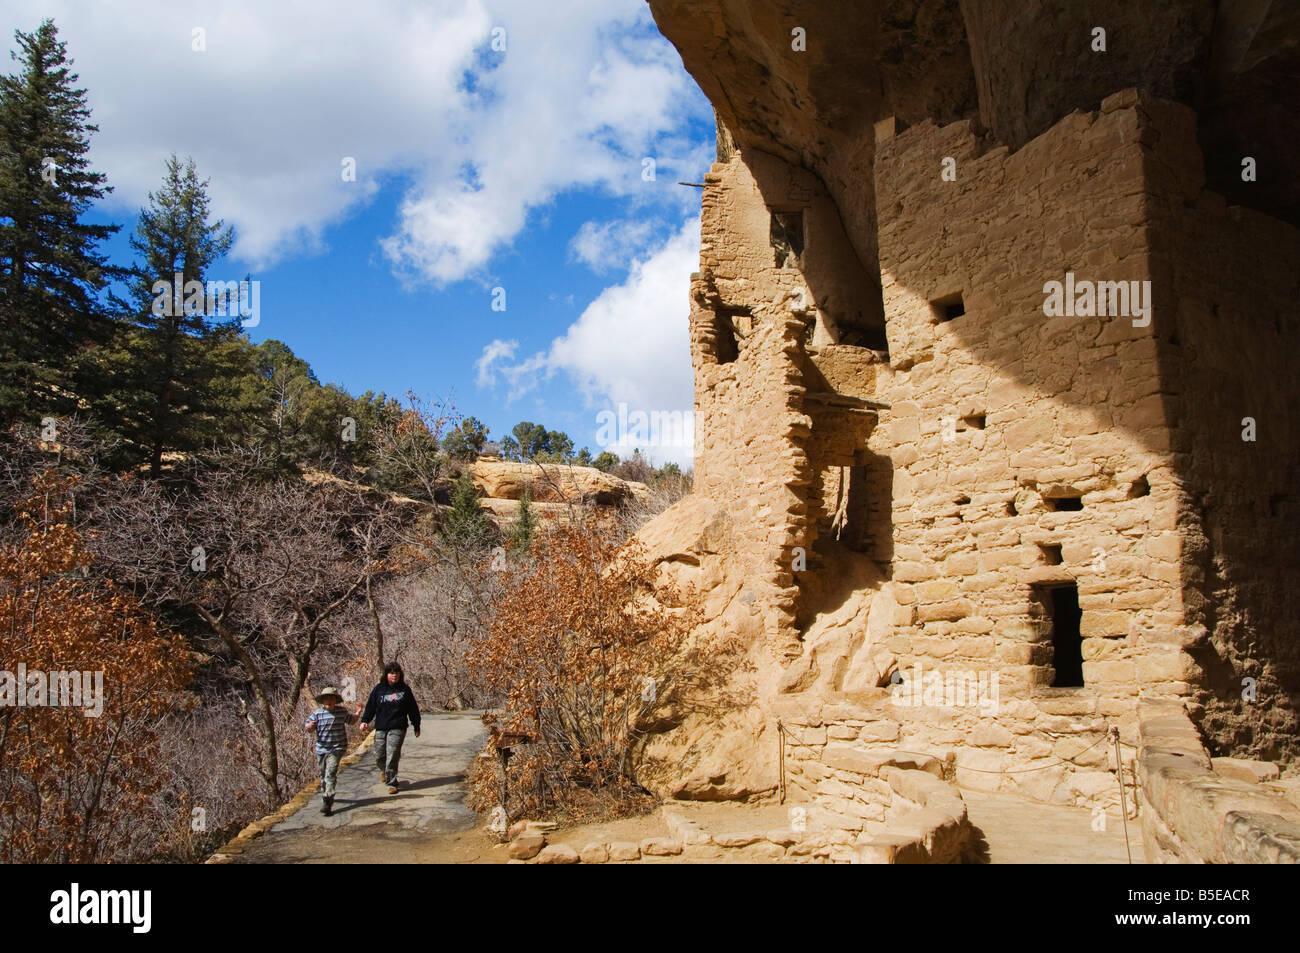 Spruce Tree House Ruins, Pueblo ruins in Mesa Verde, Mesa Verde National Park, Colorado - Stock Image